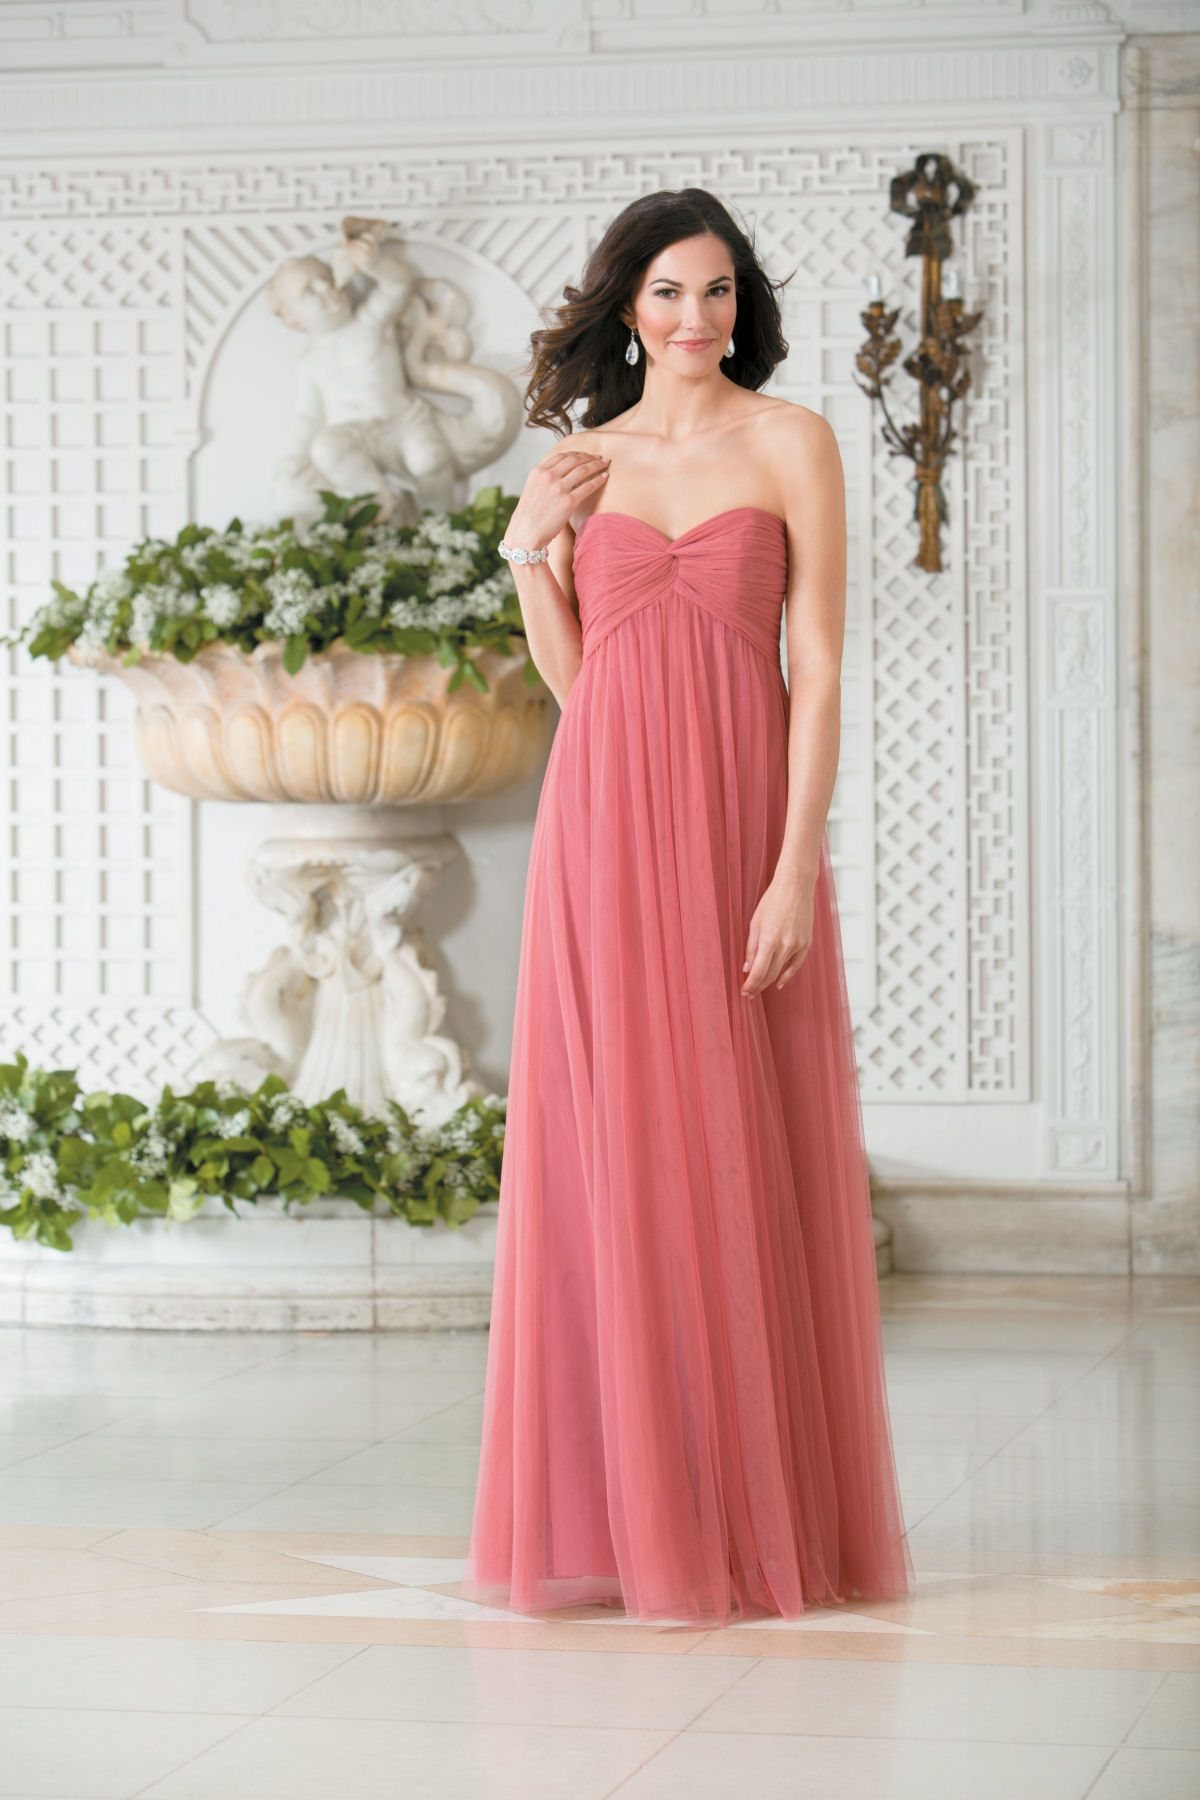 Excepcional Aclaramiento De Vestidos De Dama Friso - Colección de ...